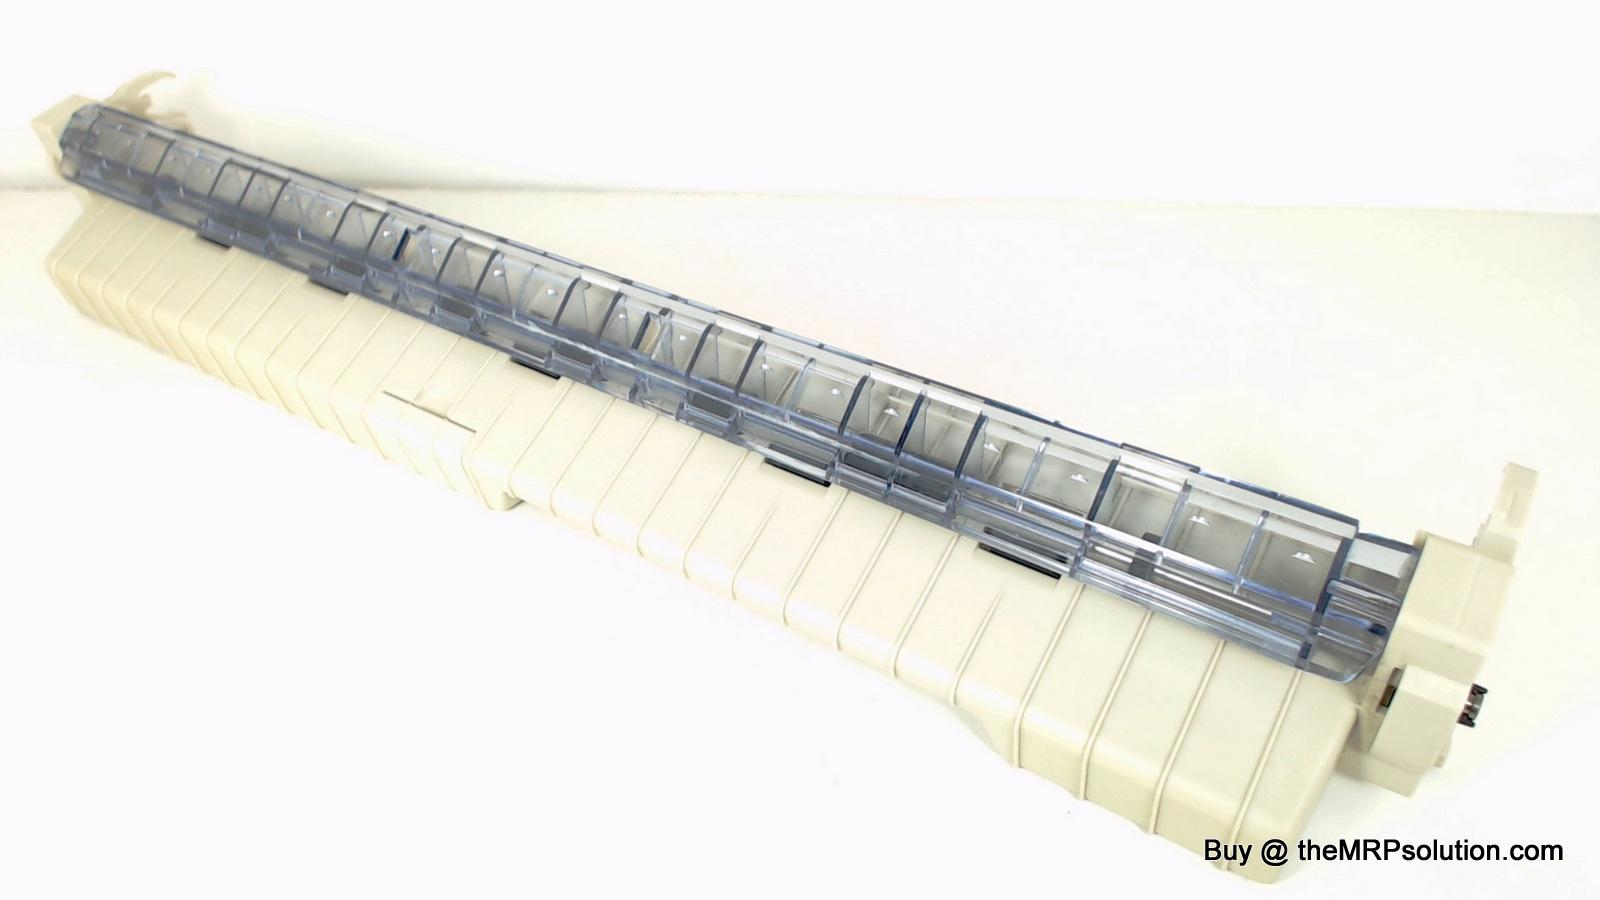 OKIDATA 50215901 PULL-UP ROLLER ASSY, 3410 New